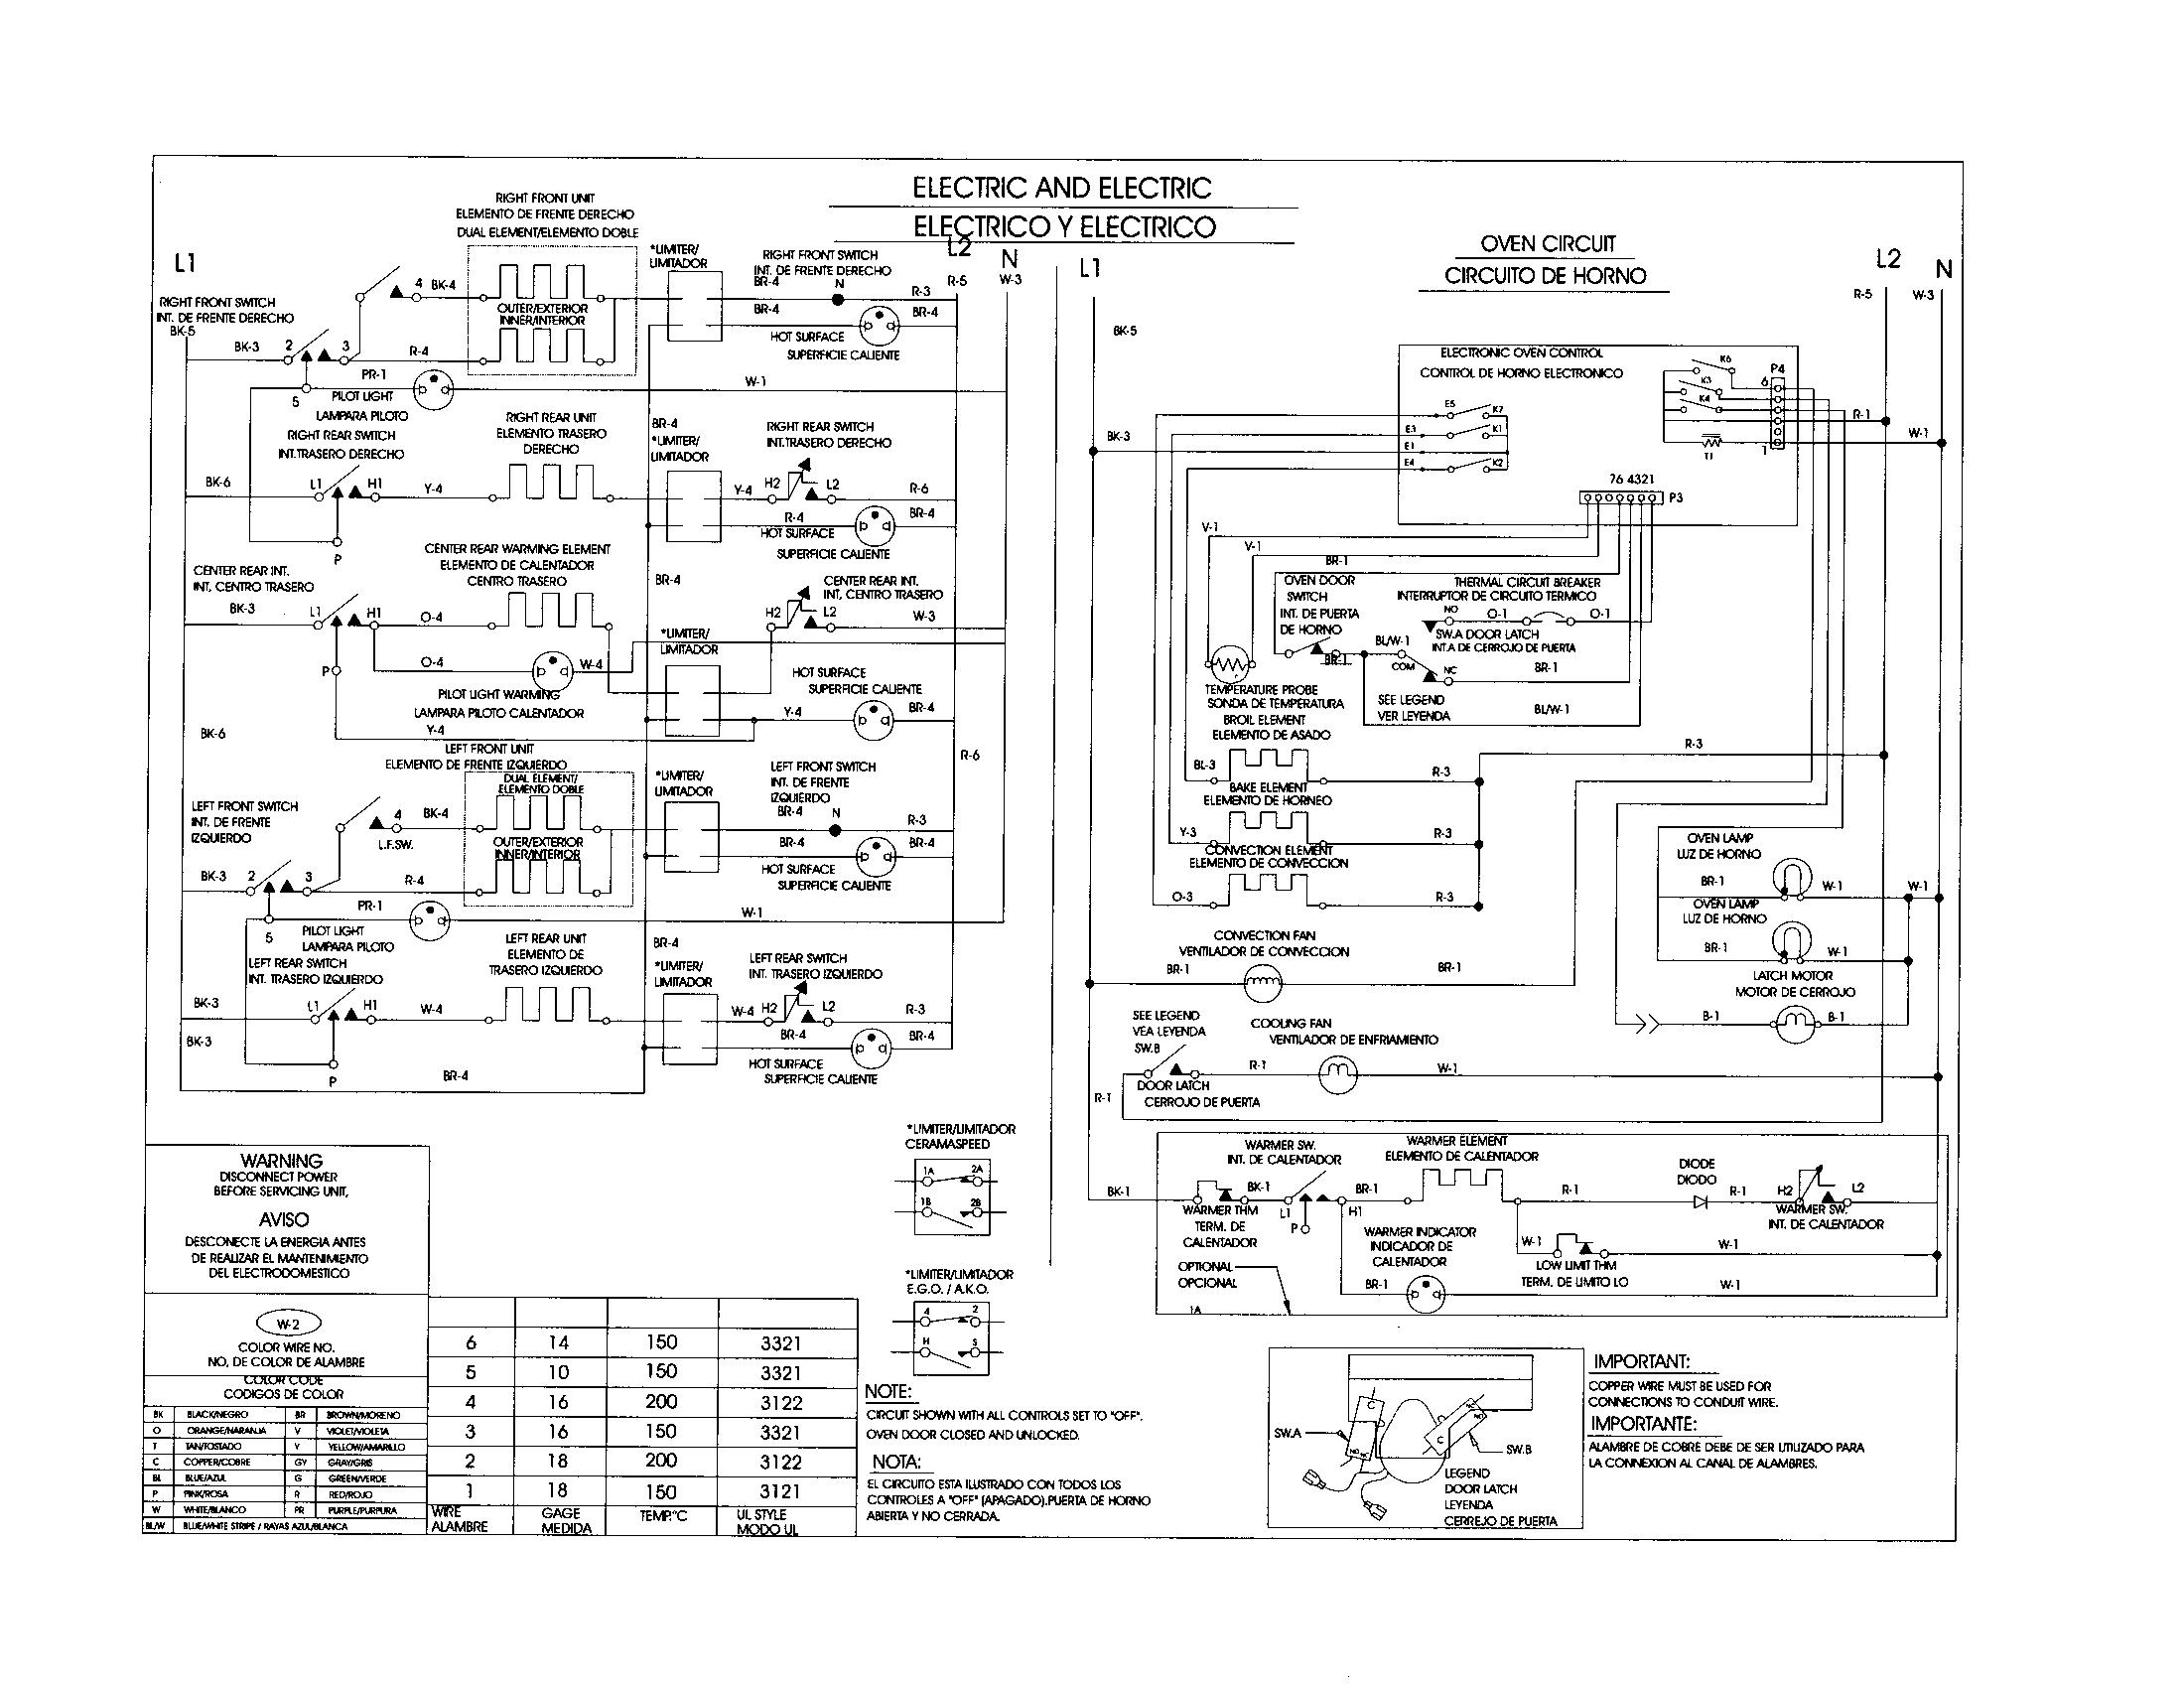 wiring diagram for kenmore range